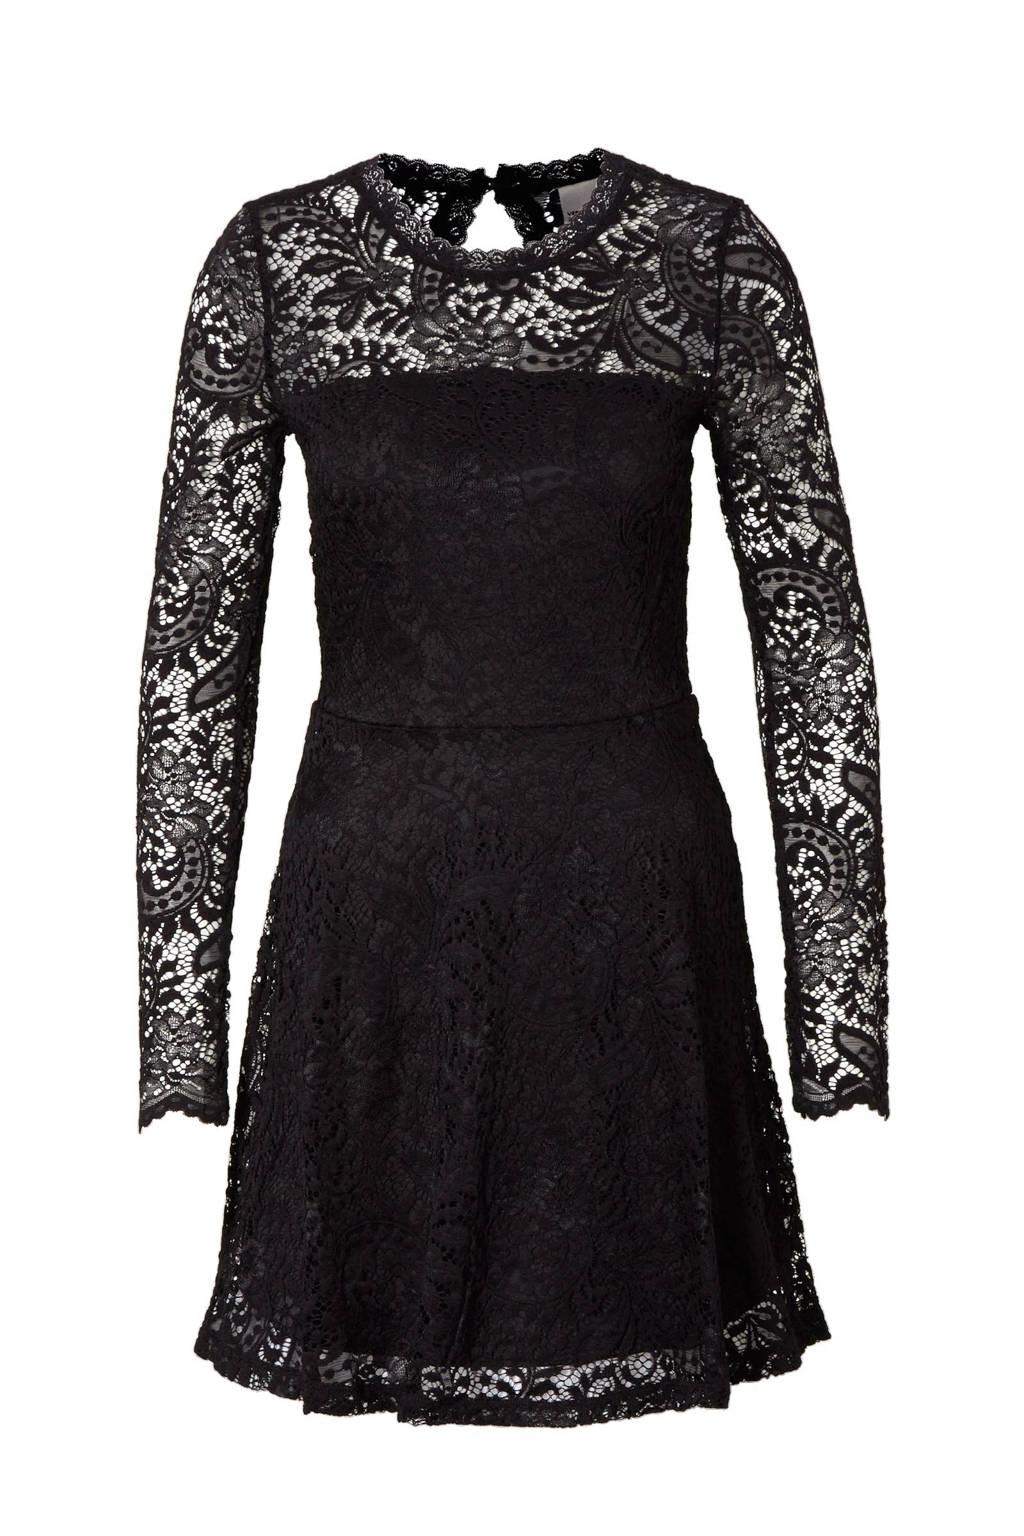 de9475d00ca55f VERO MODA kanten jurk